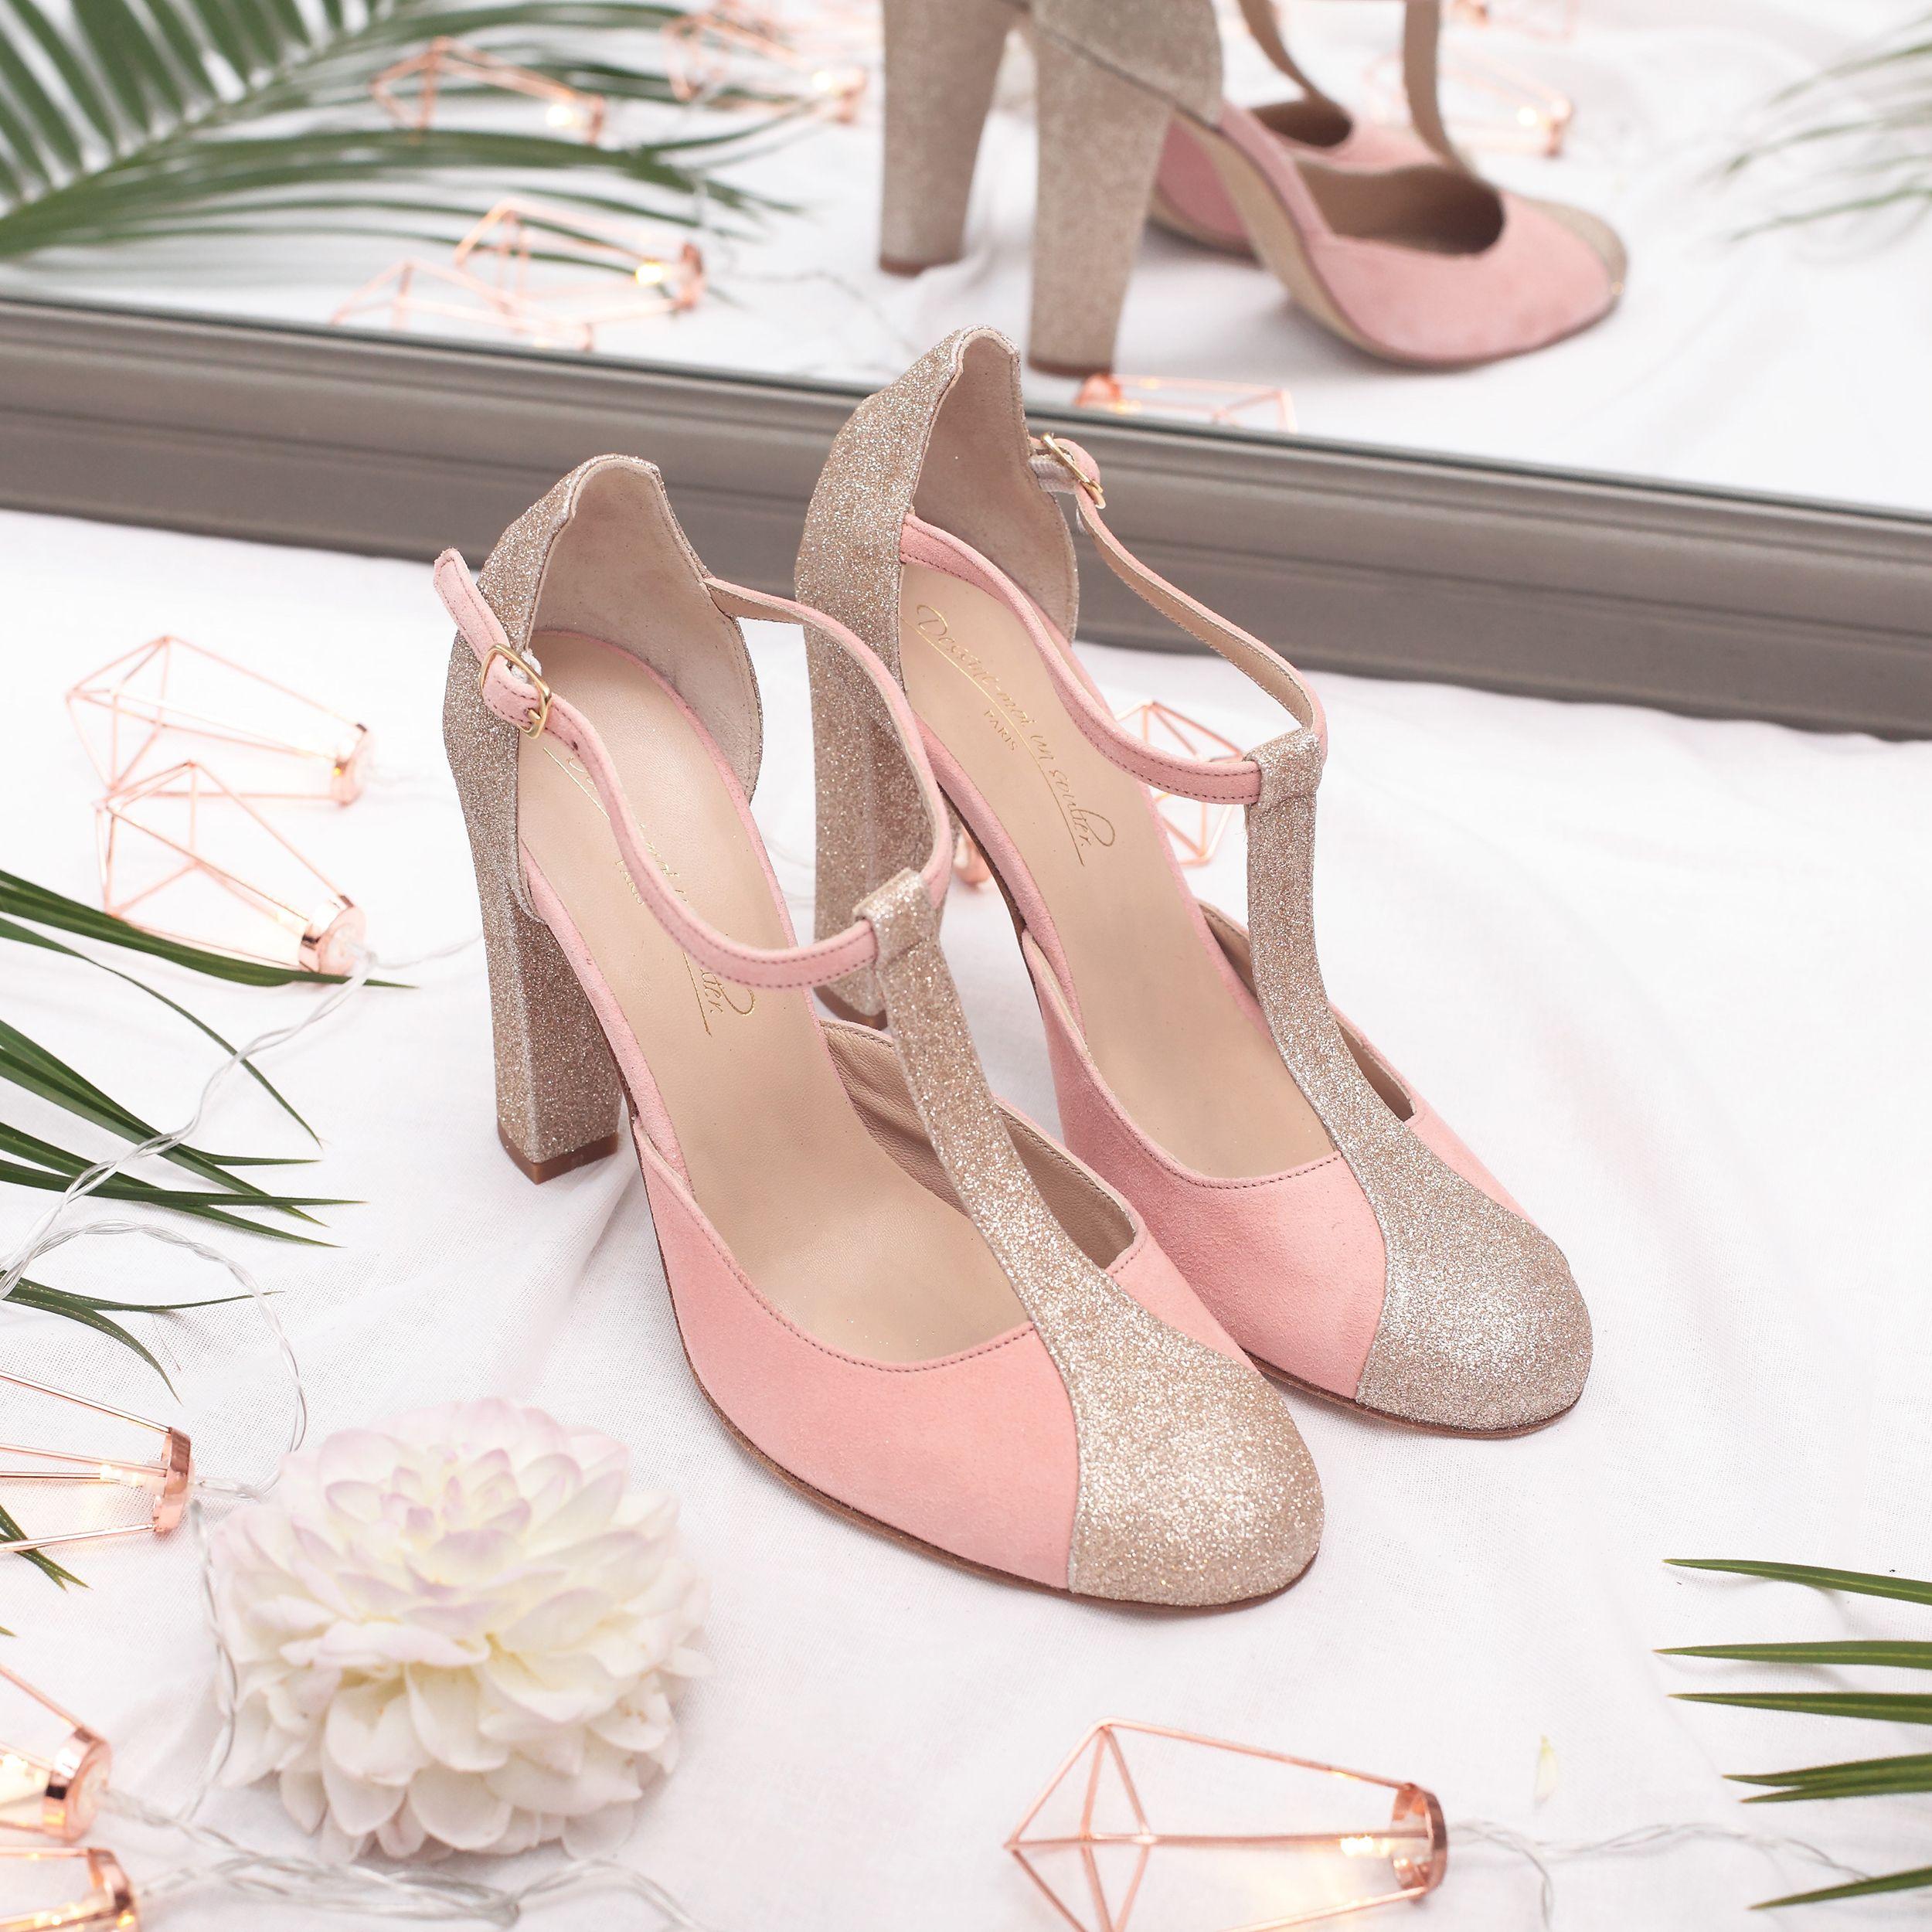 Chaussure salomé blanche talon sur mesure pour mariage